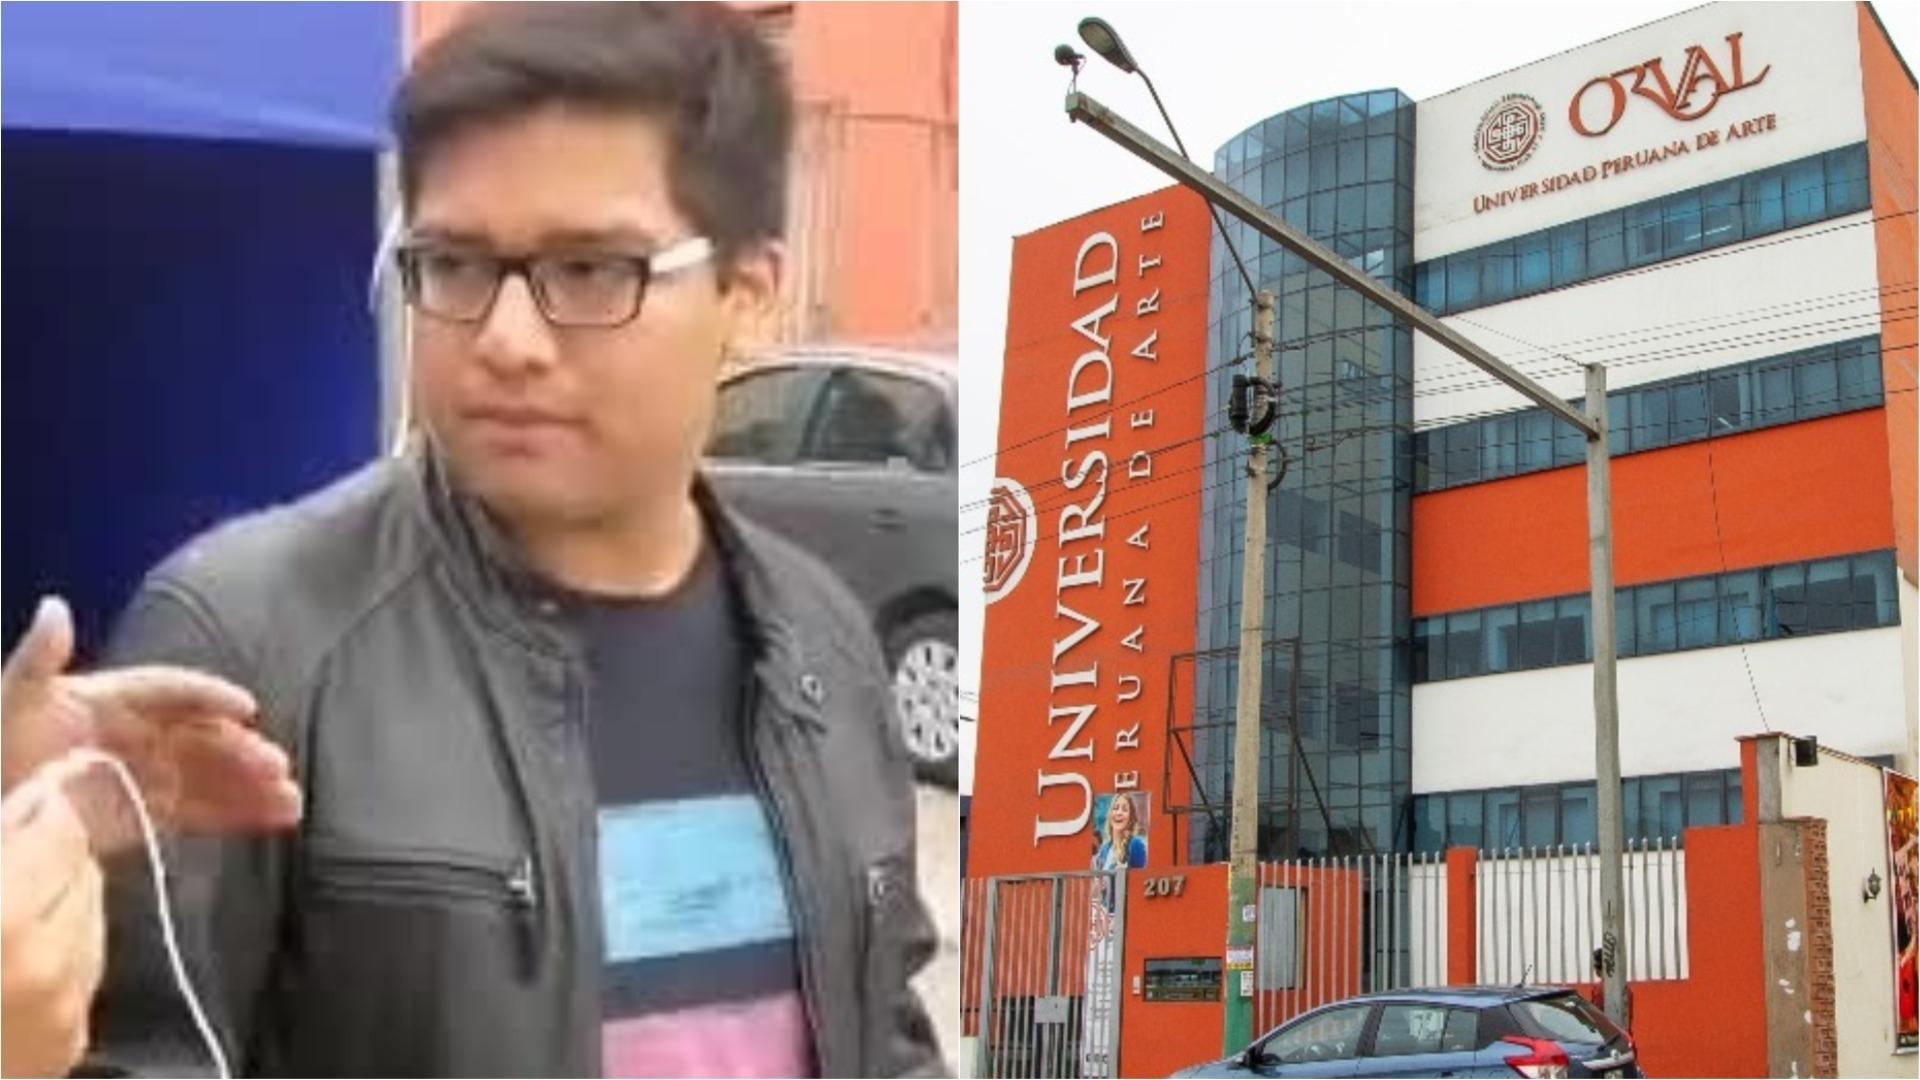 Alumno de la Universidad Peruana de Arte Orval se enteró del cierre progresivo de la casa de estudios esta mañana.